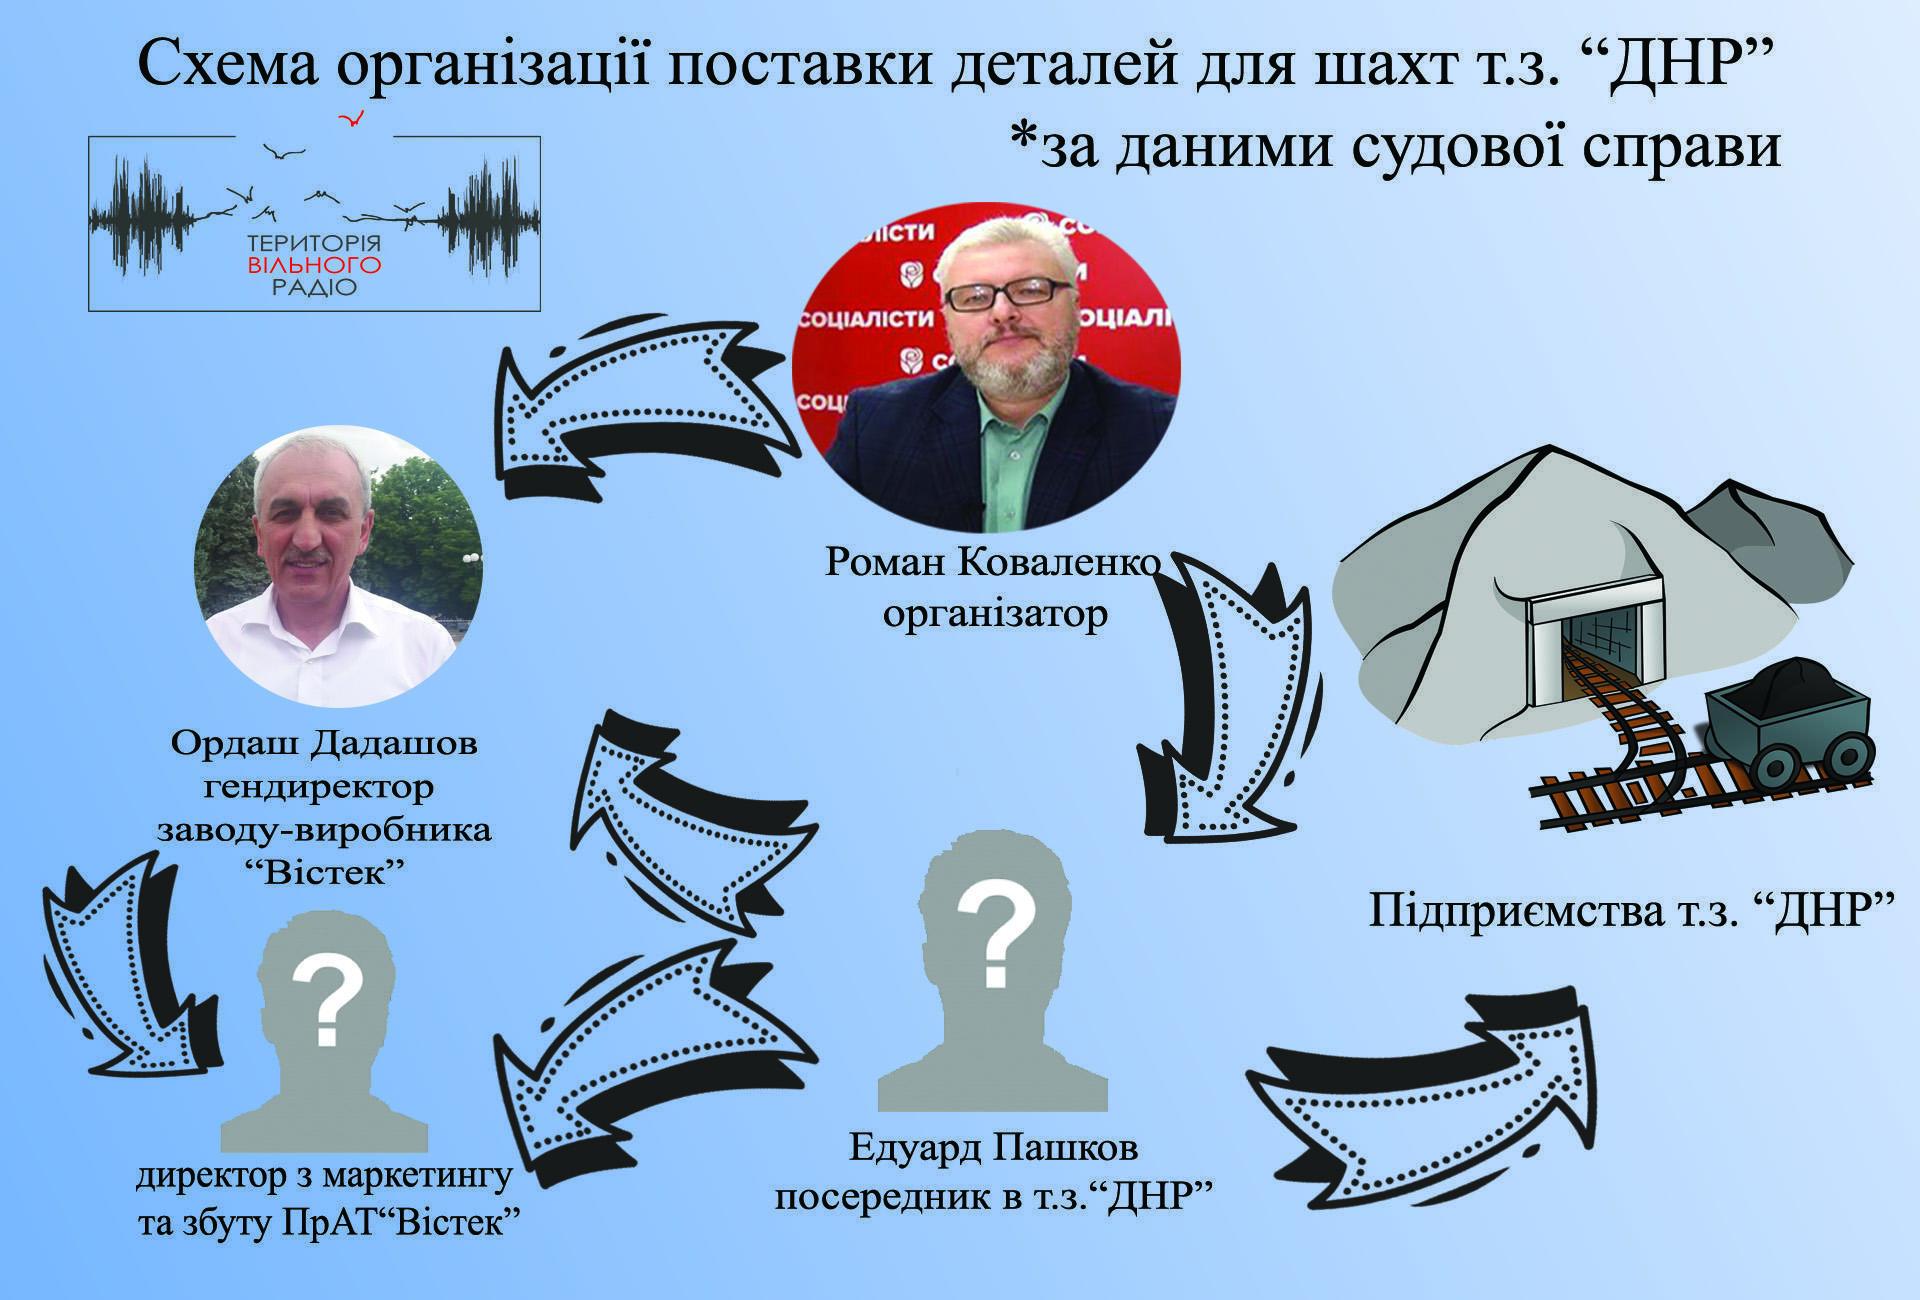 """Справу щодо ймовірної торгівлі """"Вістек"""" з шахтами т.з. """"ДНР"""" передали до суду"""